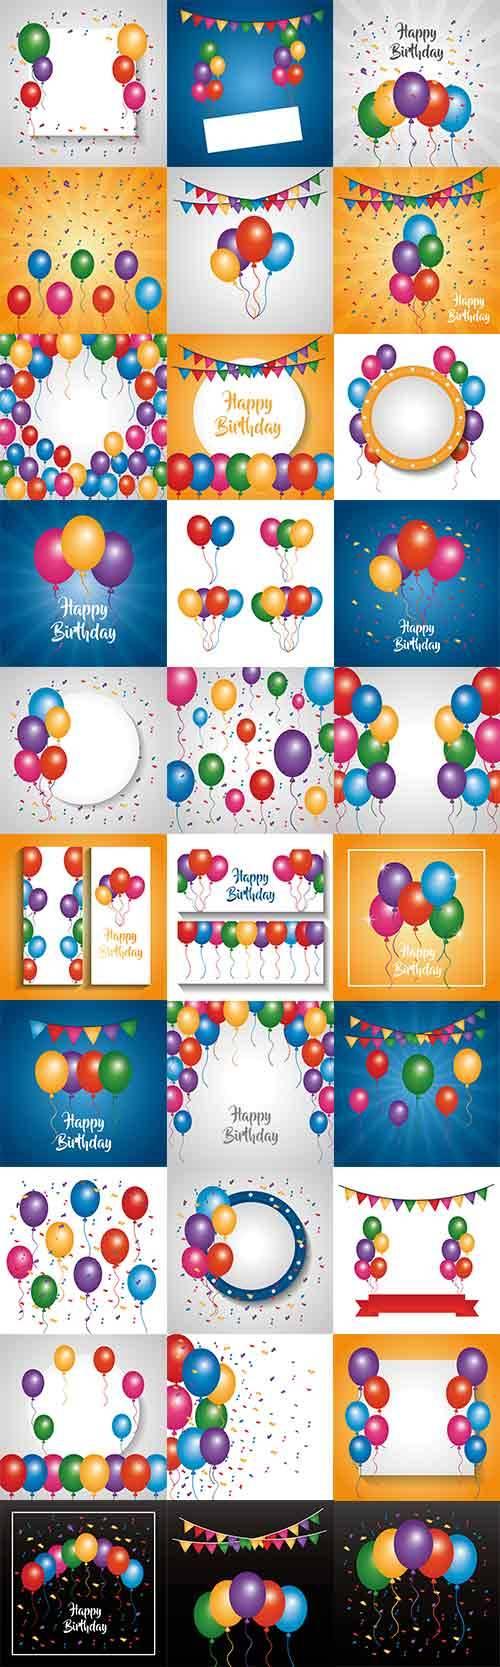 Разноцветные шары для праздников в векторе / Multicolored holiday balls in  ...